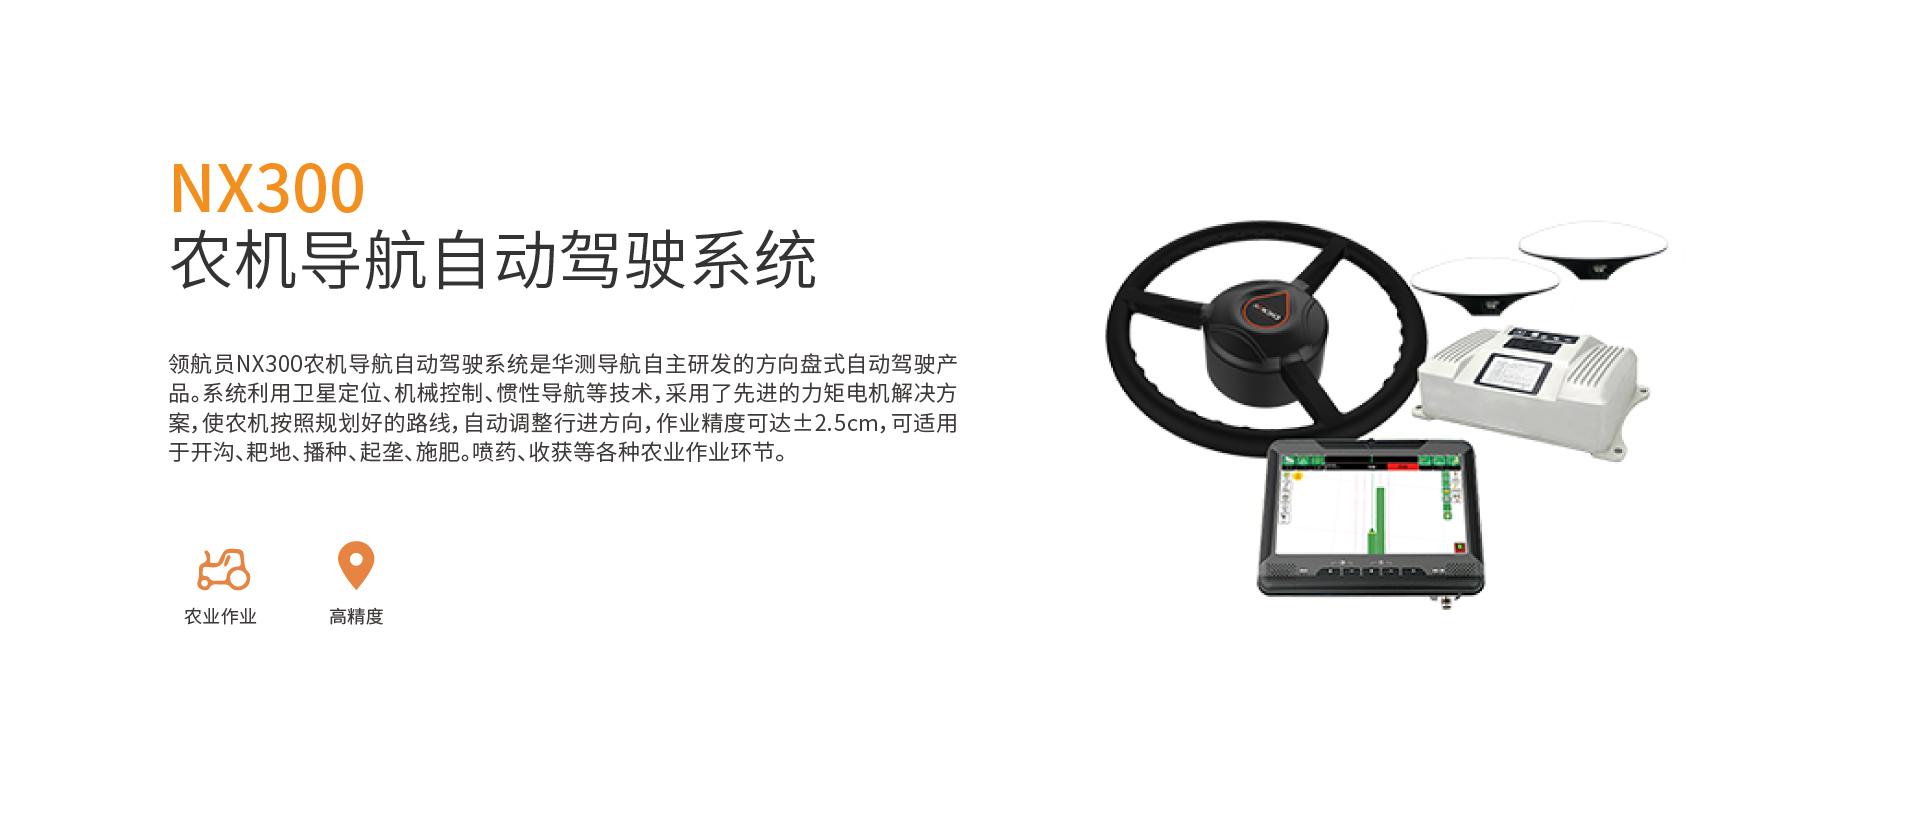 農機導航系統價格,精準農業方案,農機導航引導系統,精細農業農機導航系統價格,精準農業方案,農機導航引導系統,精細農業